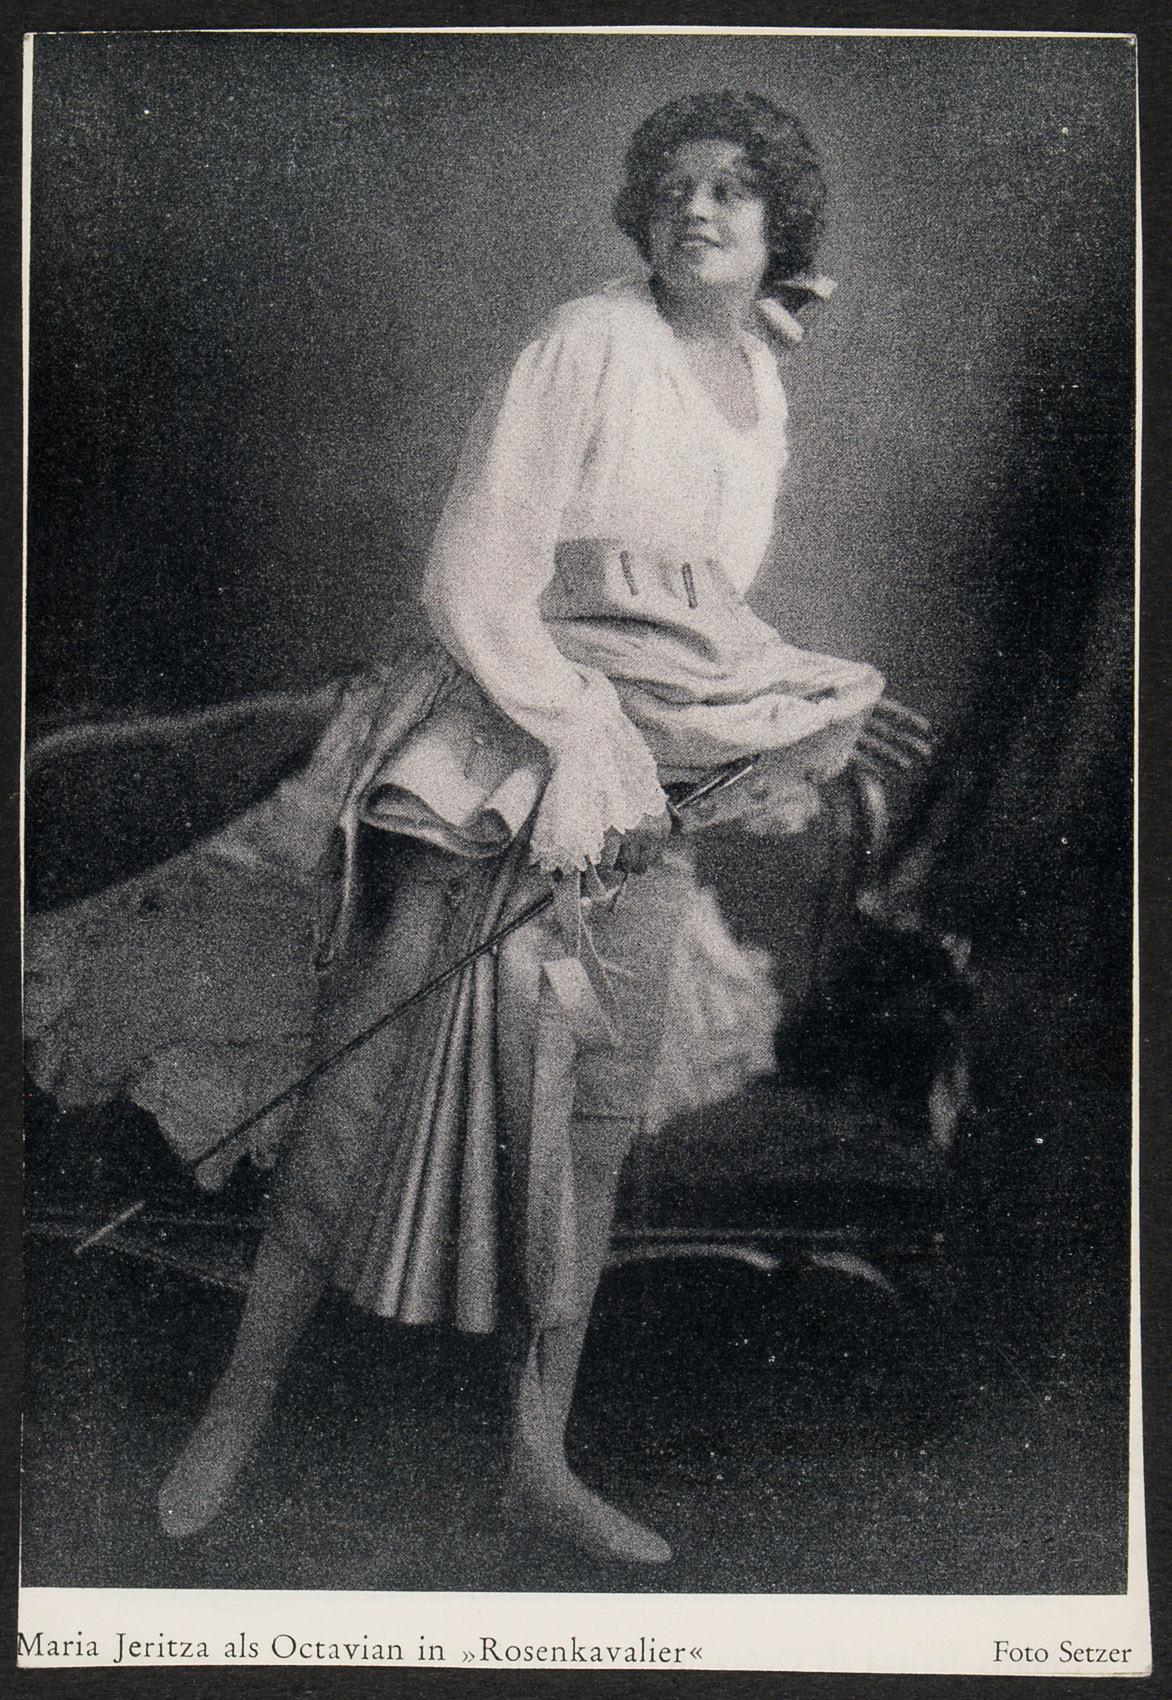 Maria Jeritza von Atelier Setzer, Wien